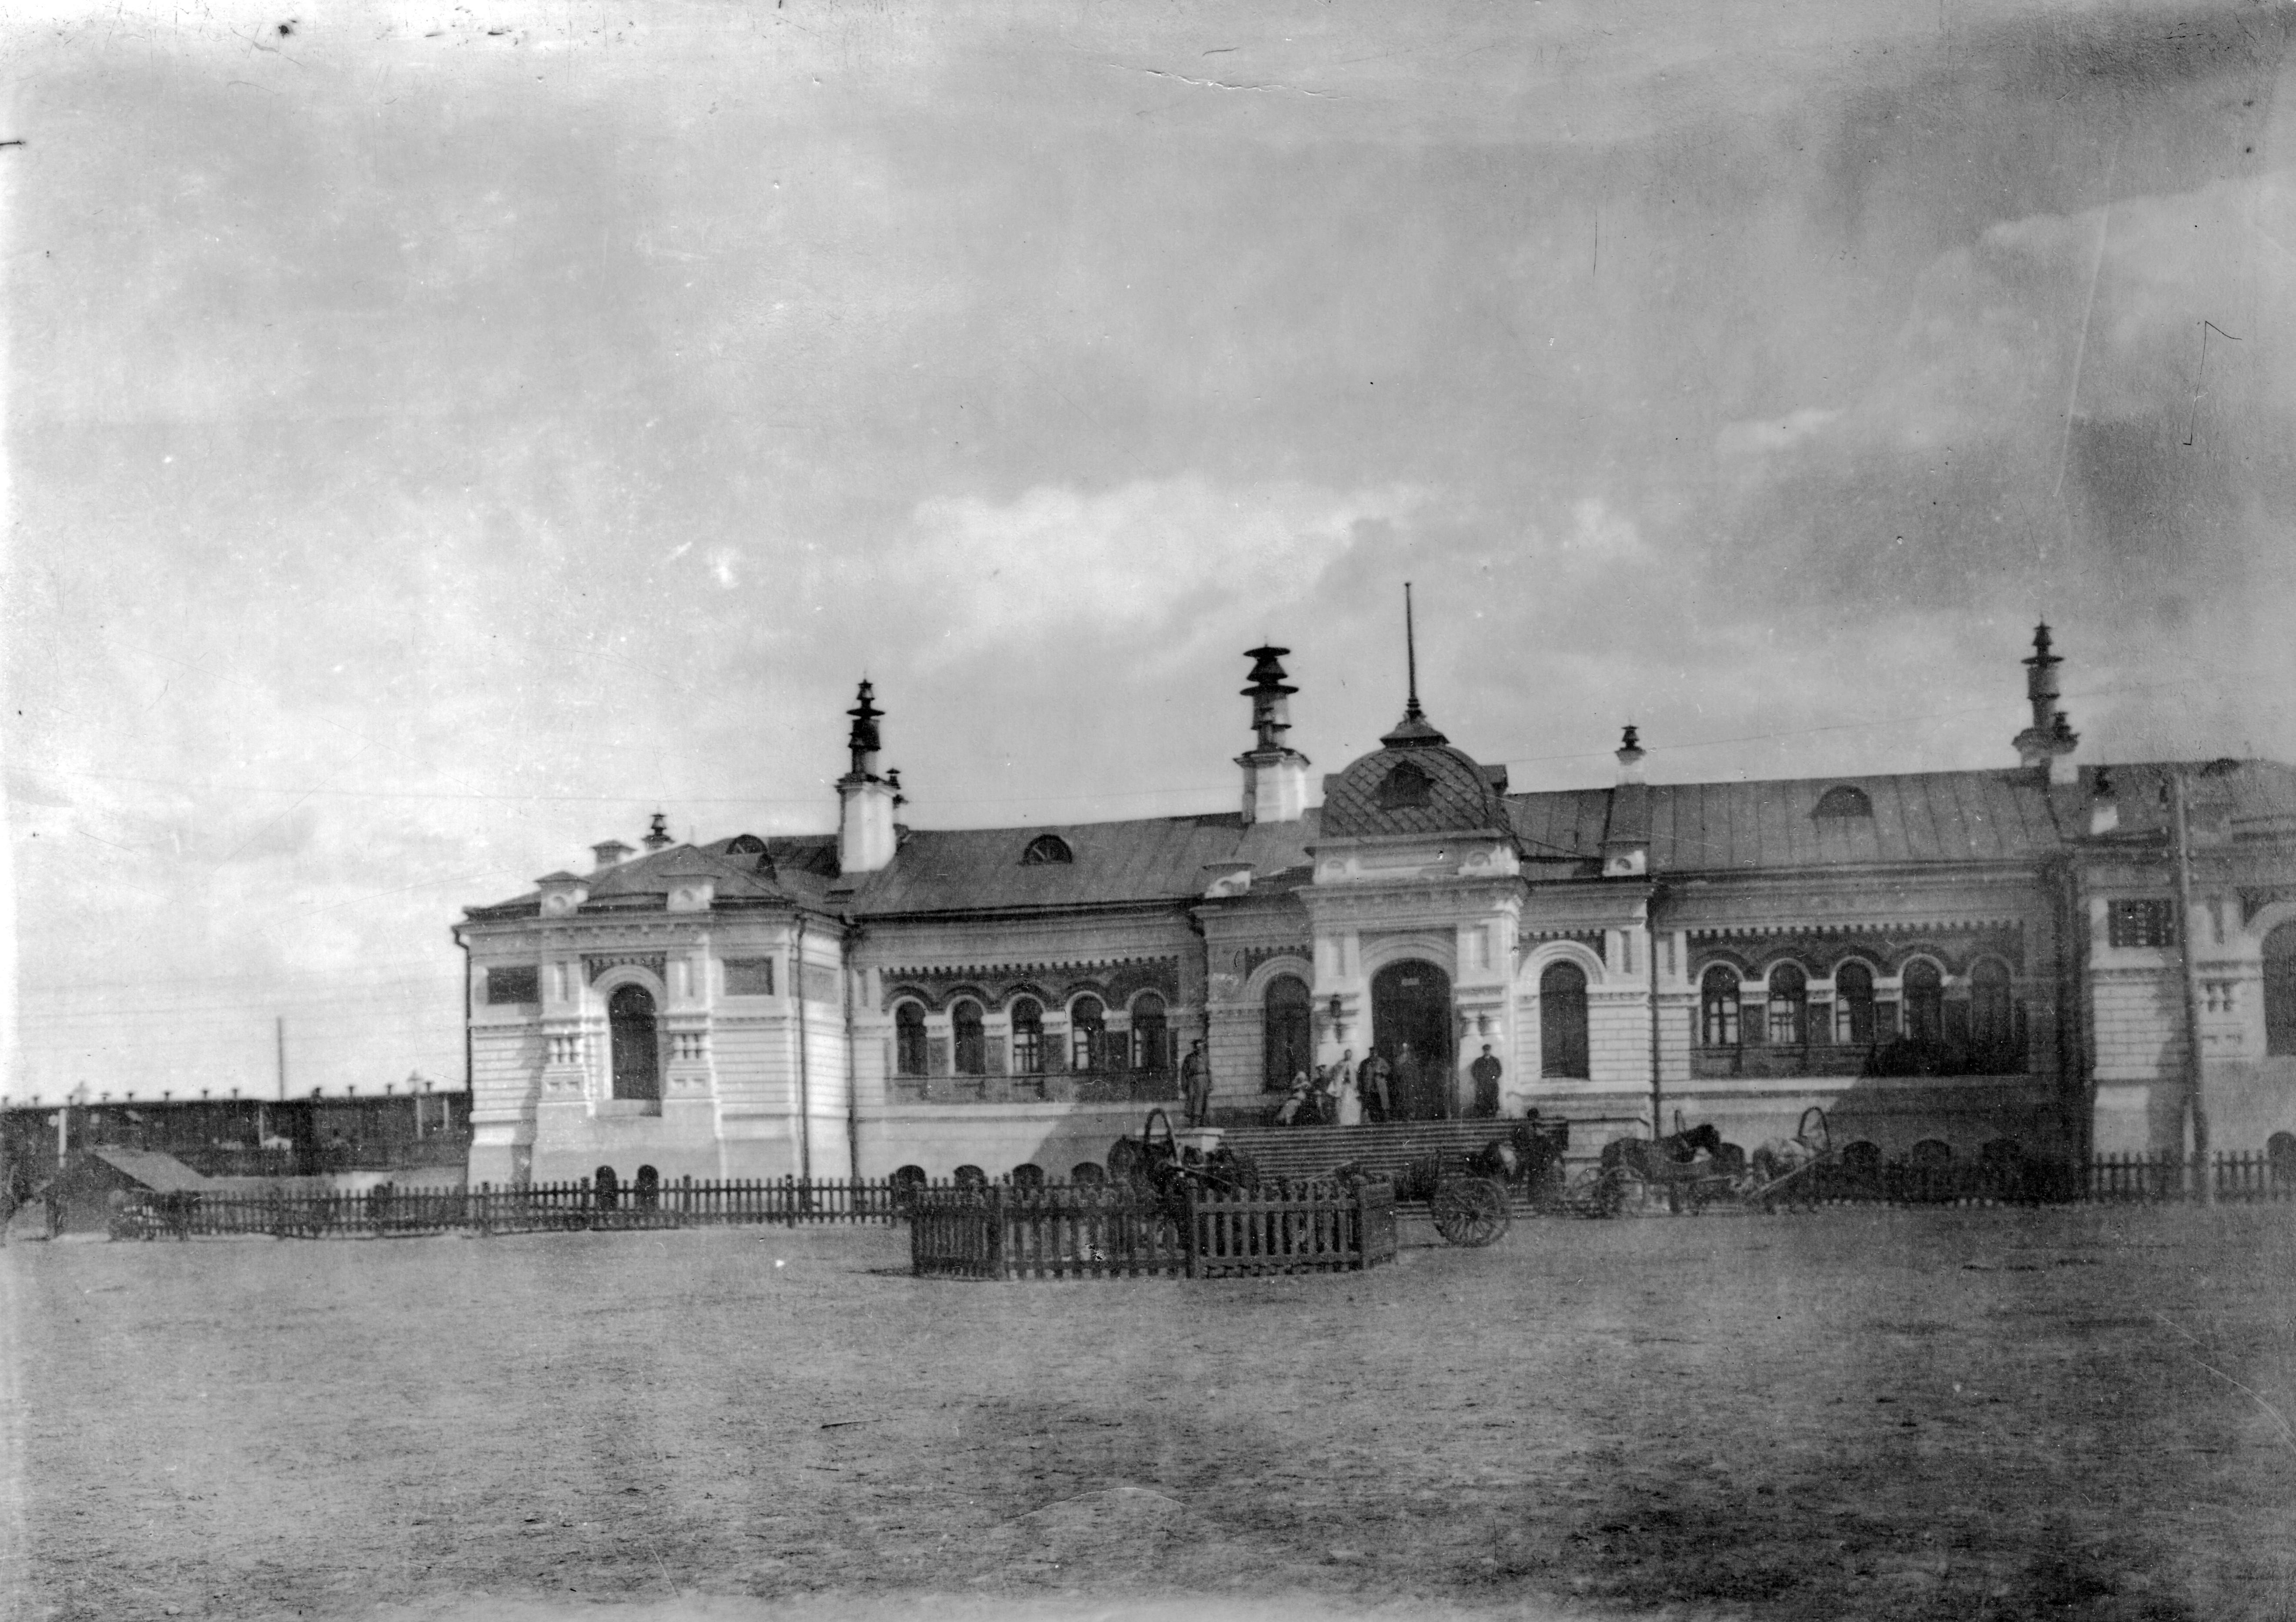 Первый железнодорожный вокзал станции Омск со стороны привокзальной площади. 1900